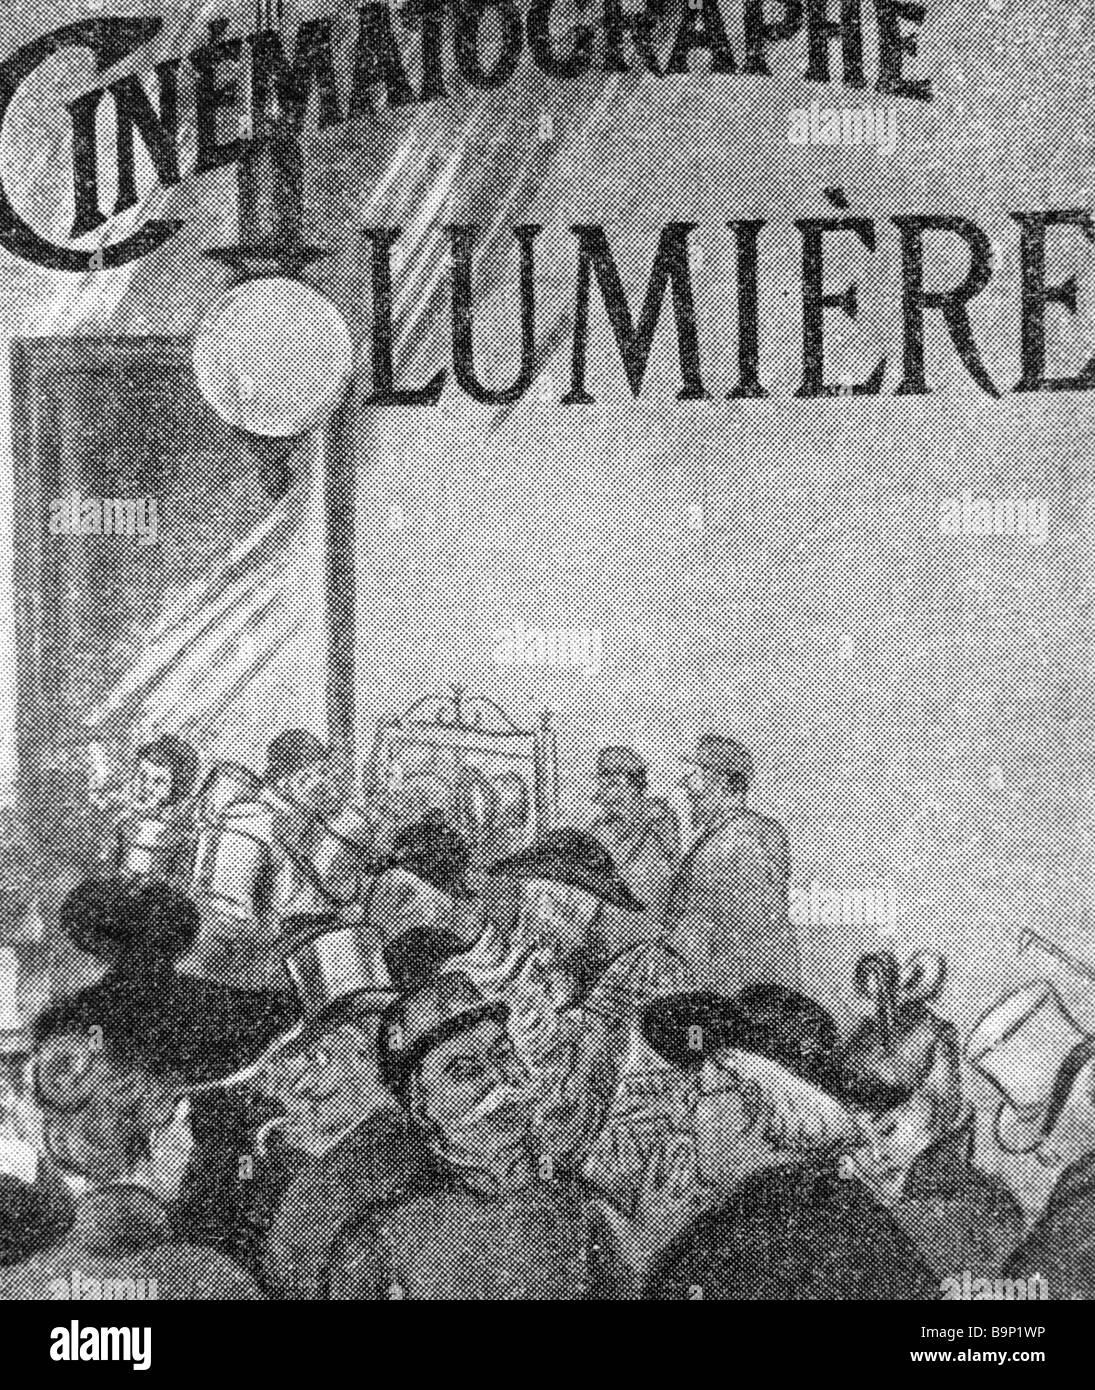 La première annonce de la Lumier cinématographe Photo Stock